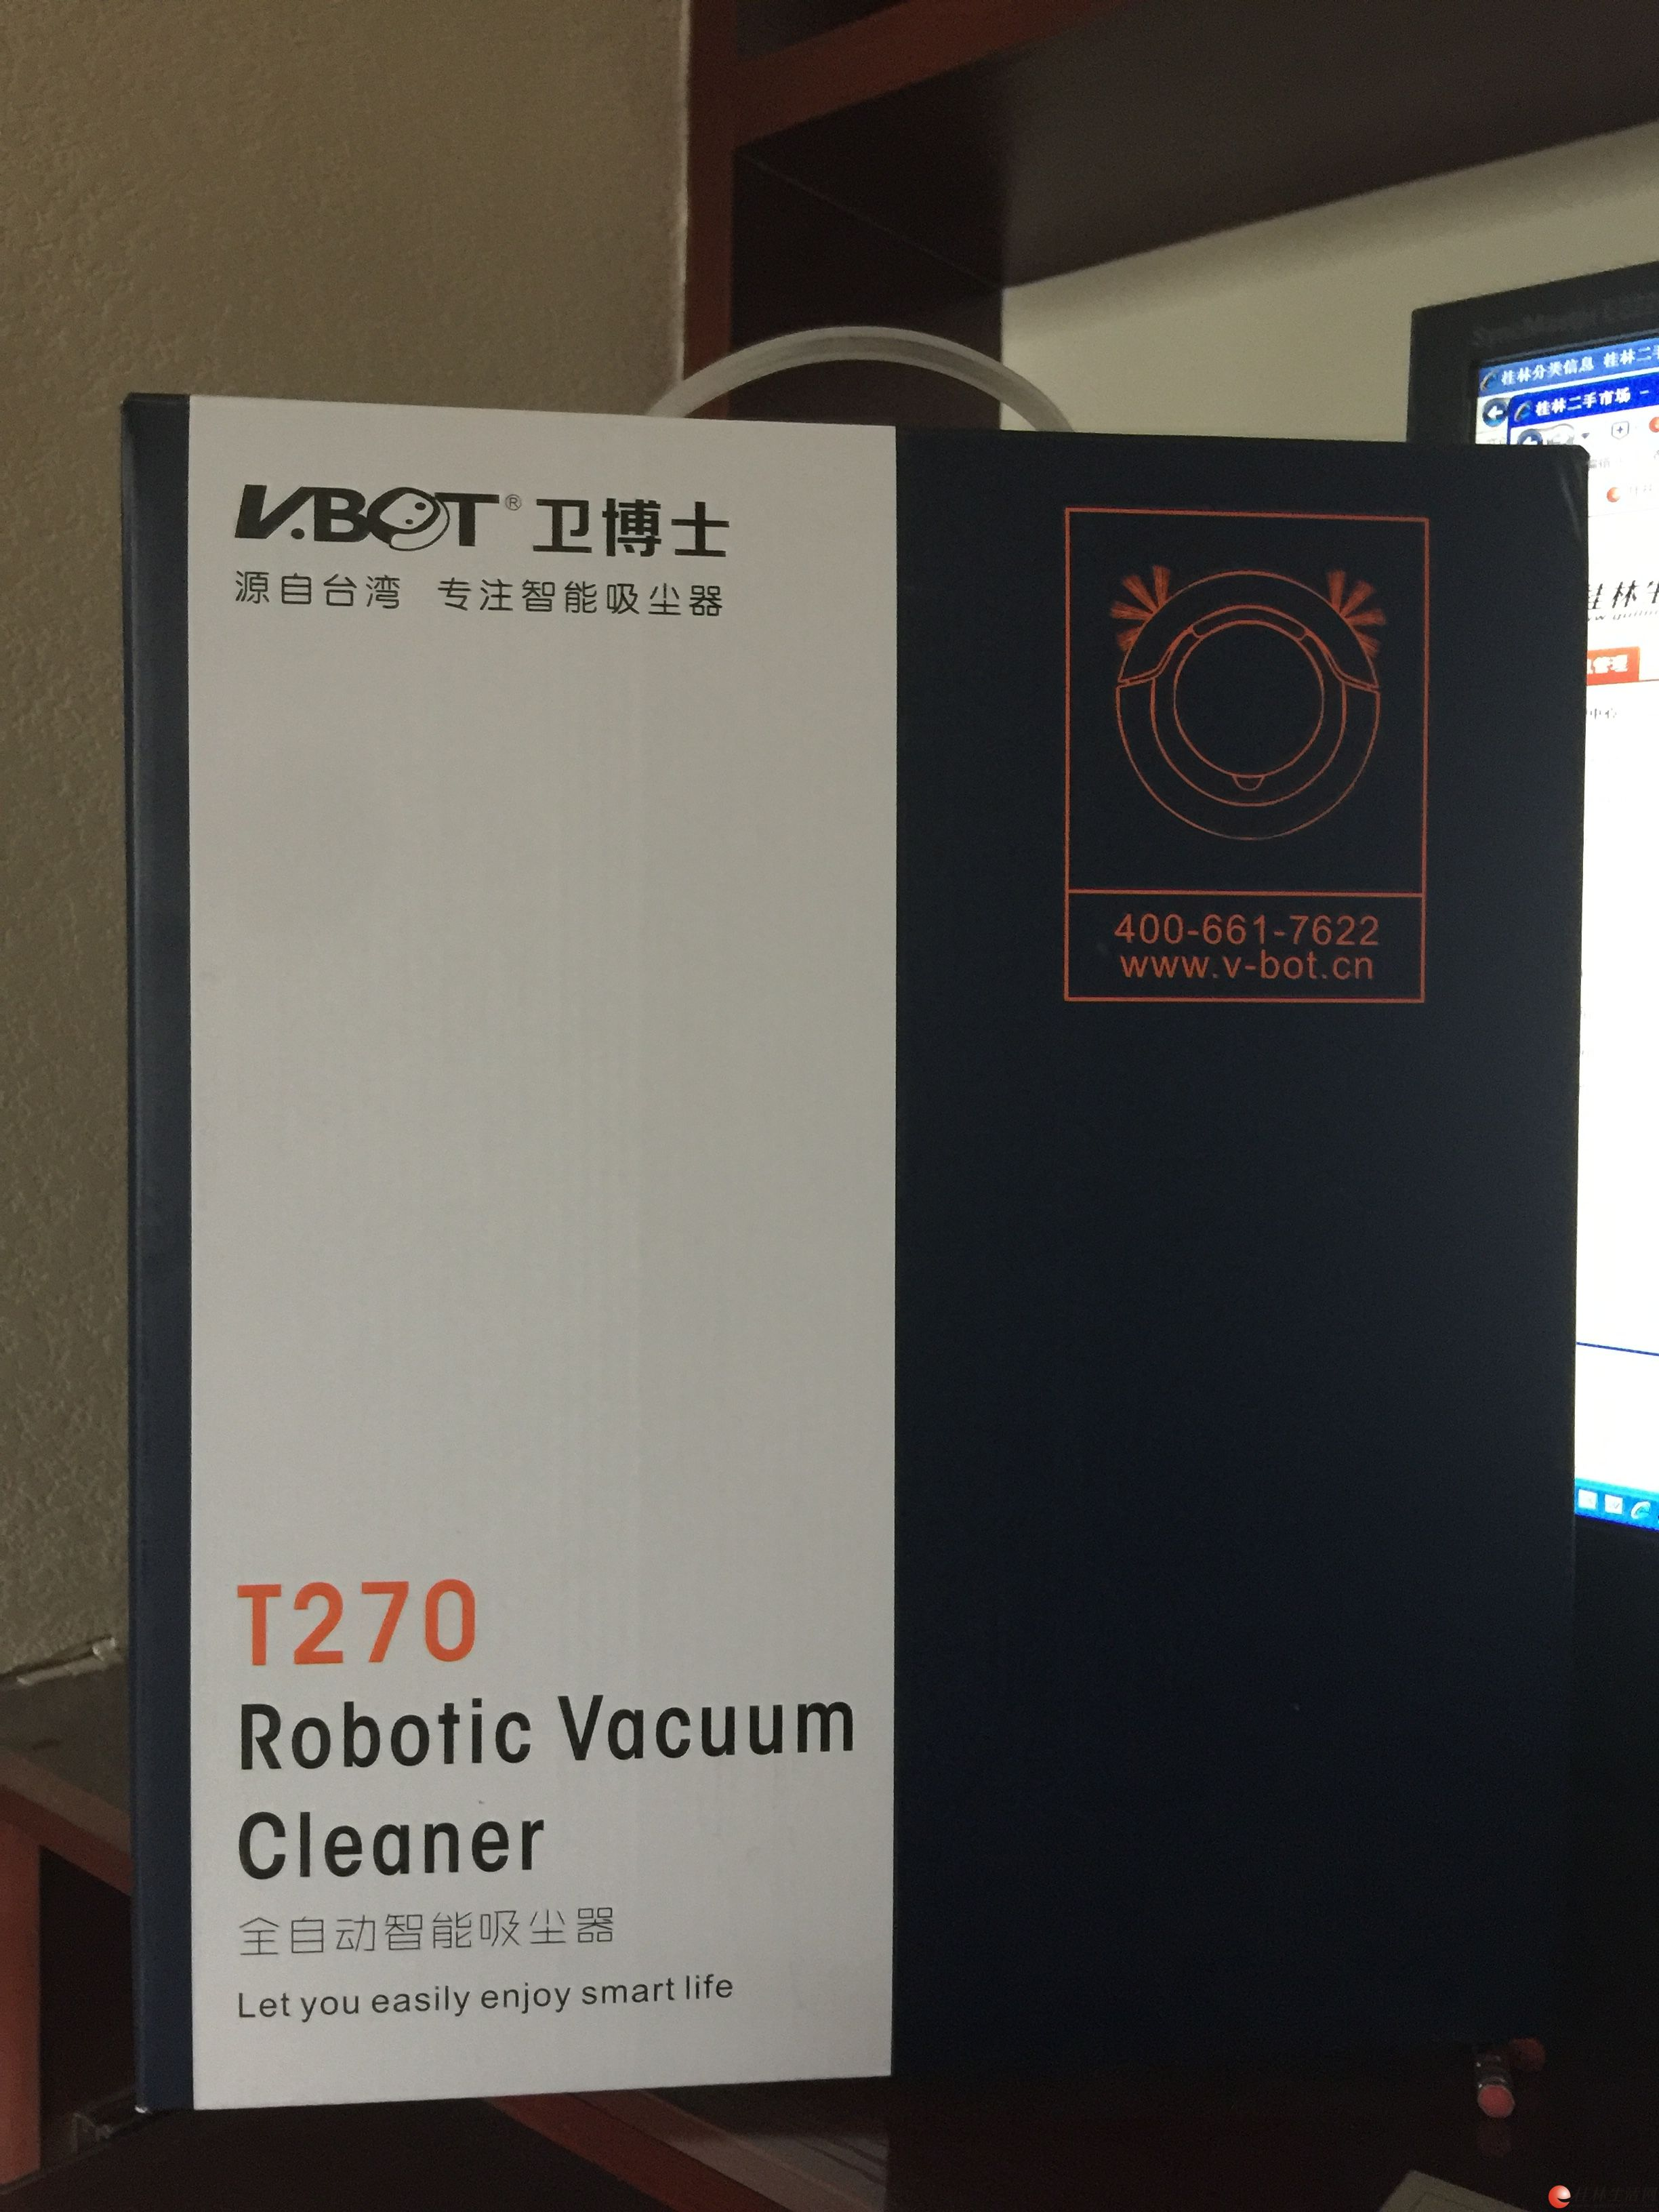 诚心出售全新卫博士T270全自动智能扫地机器人